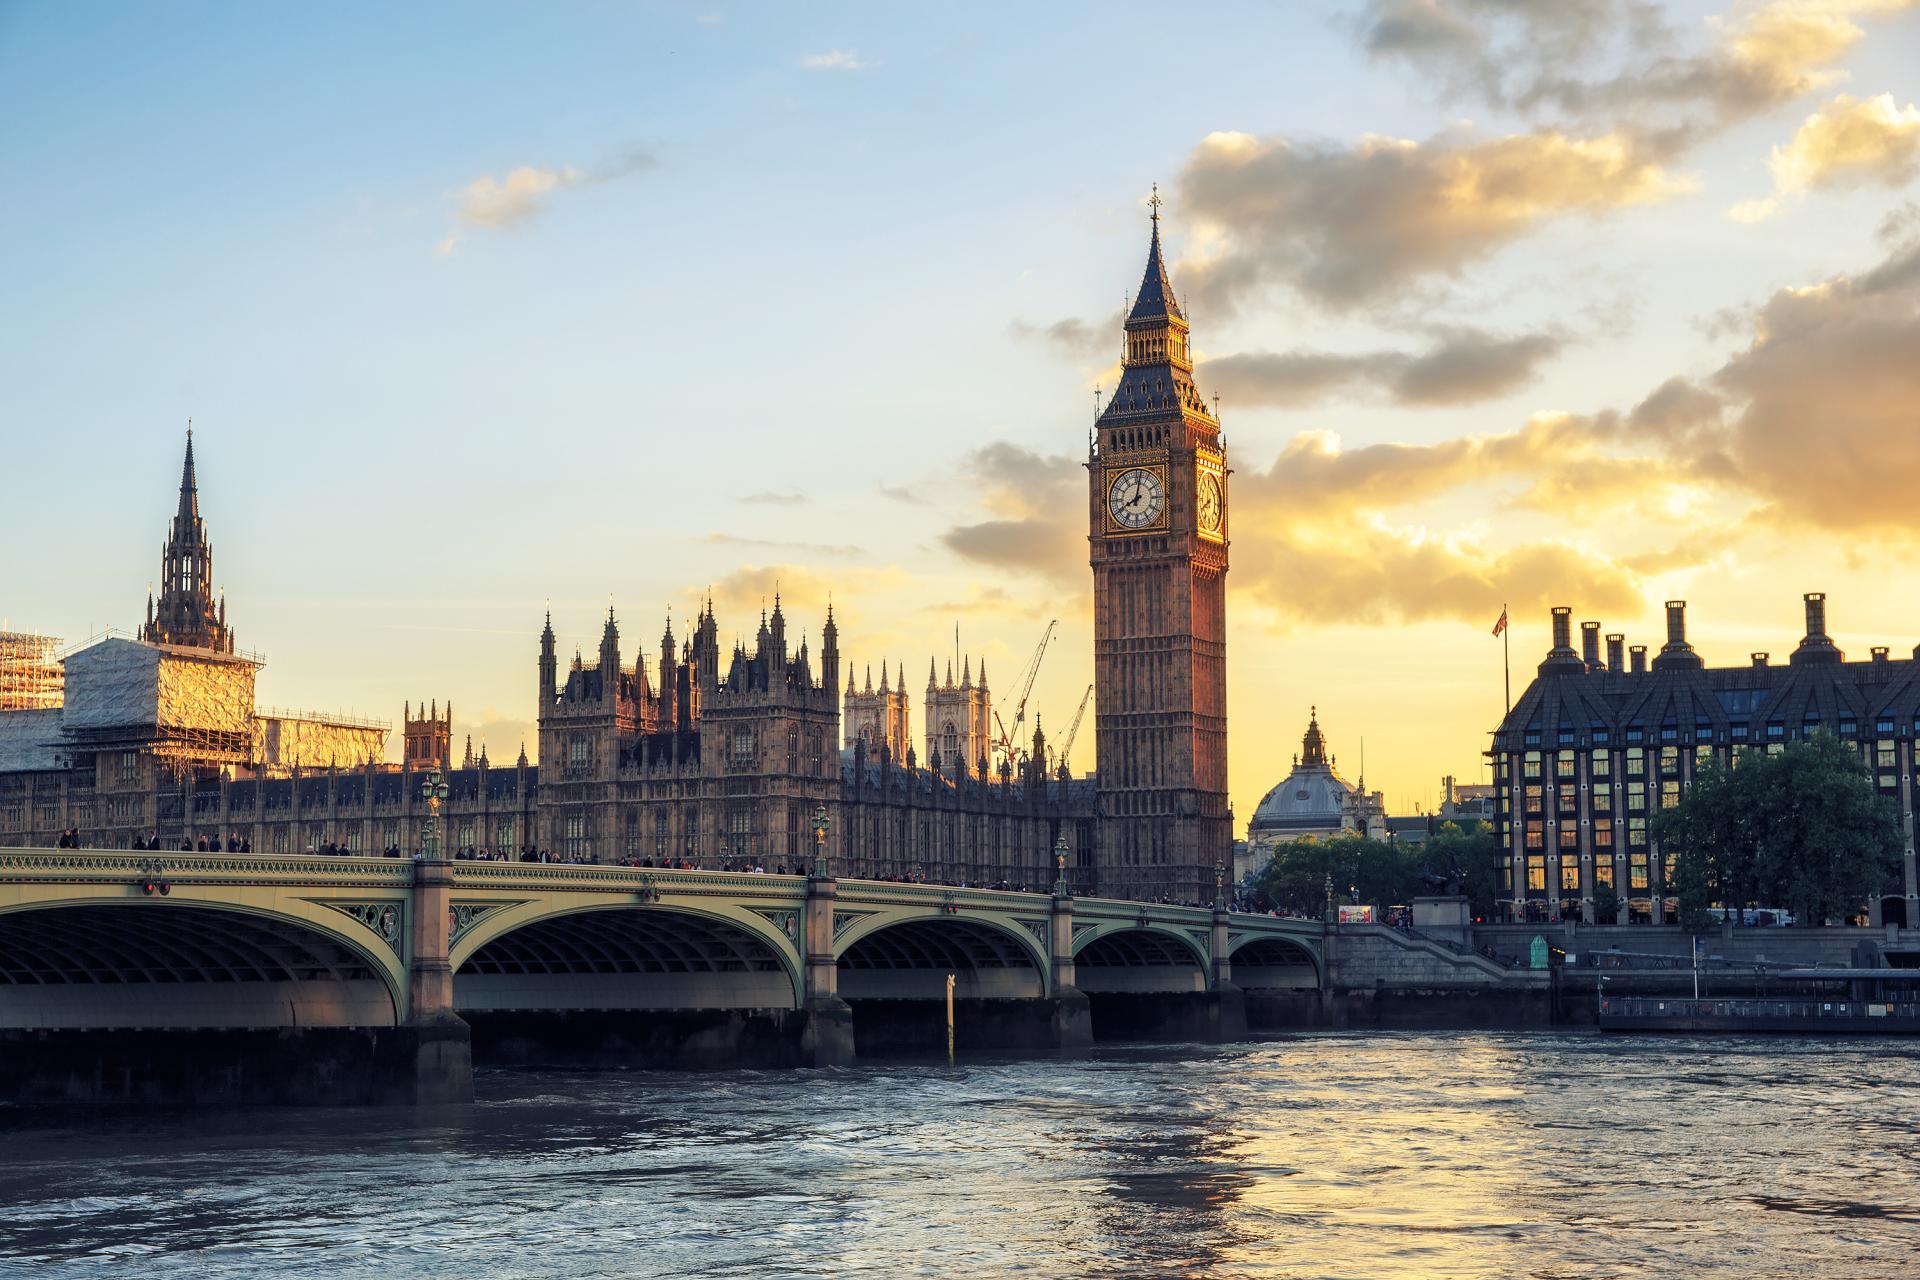 Großbritannien lockt Dienstwagenfahrer mit günstiger Elektroauto-Steuer